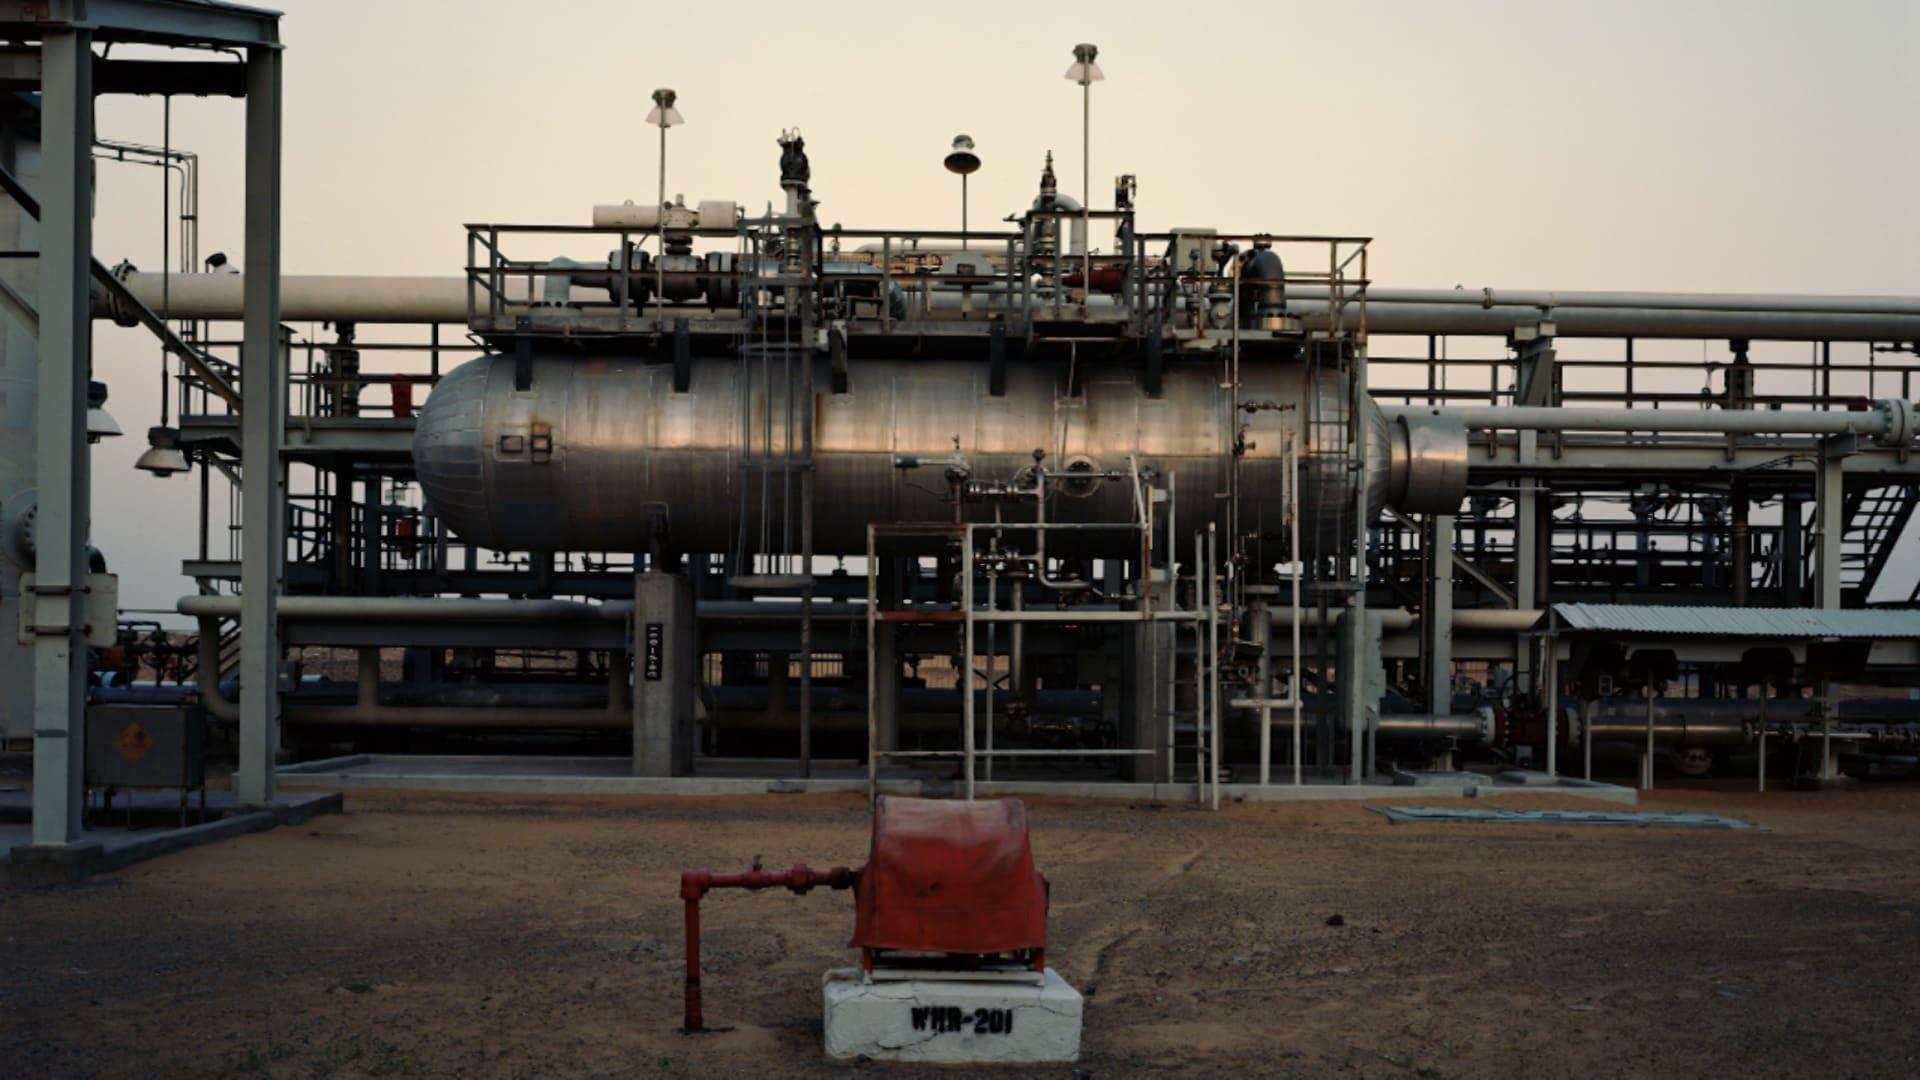 المناطق الصناعية داخل الإمارات العربية المتحدة